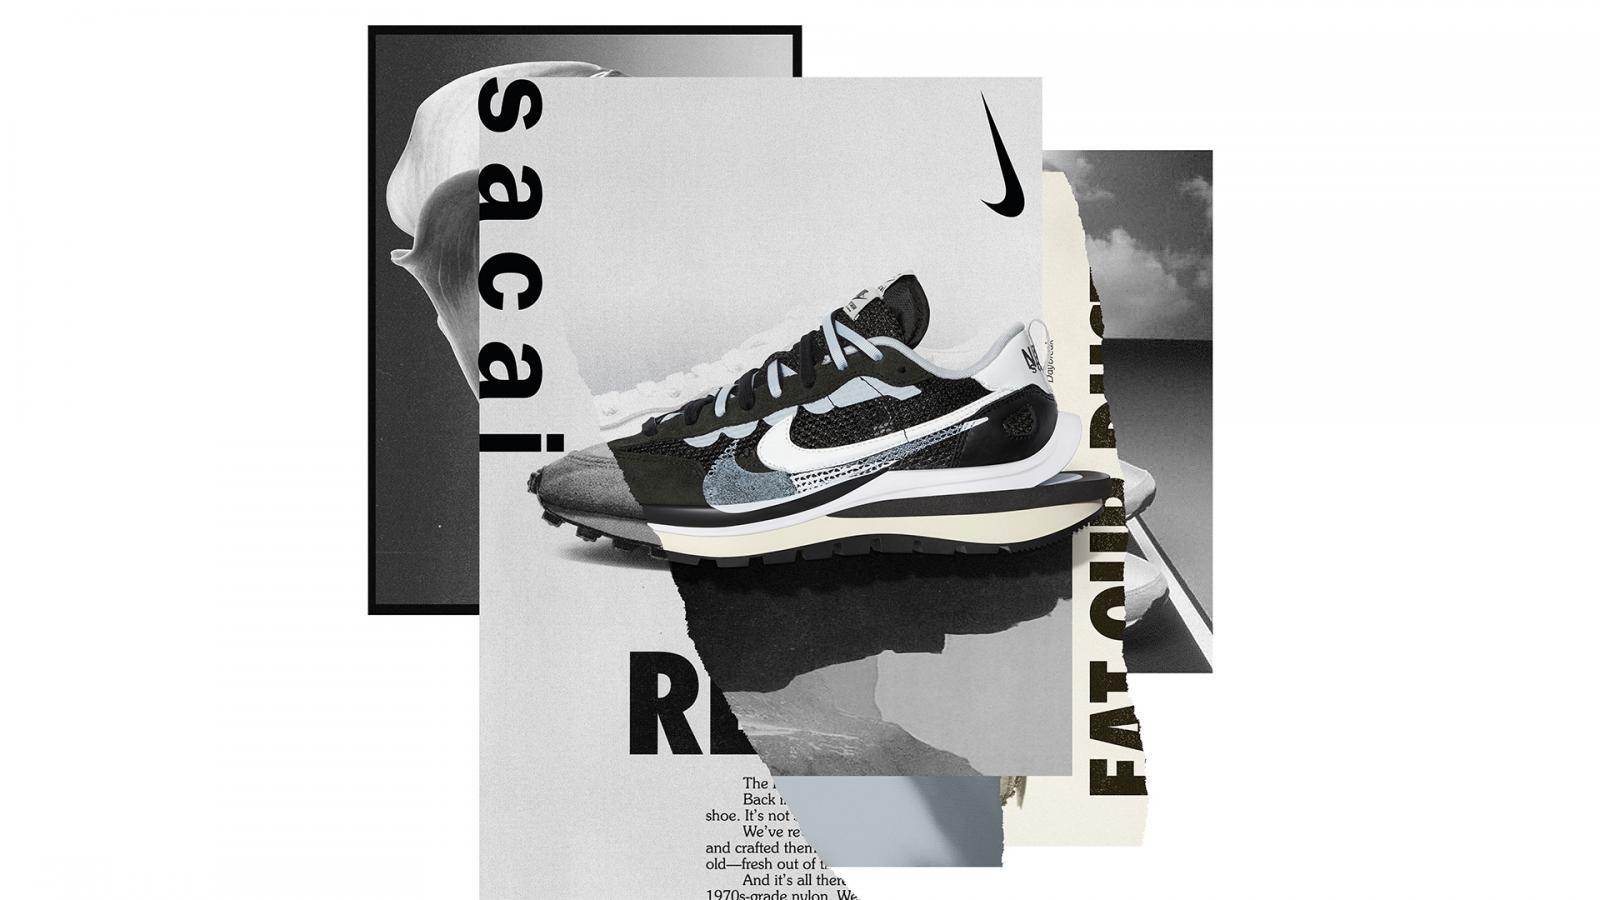 融合数代跑步创新设计的鼎力之作 —— Nike x sacai VaporWaffle